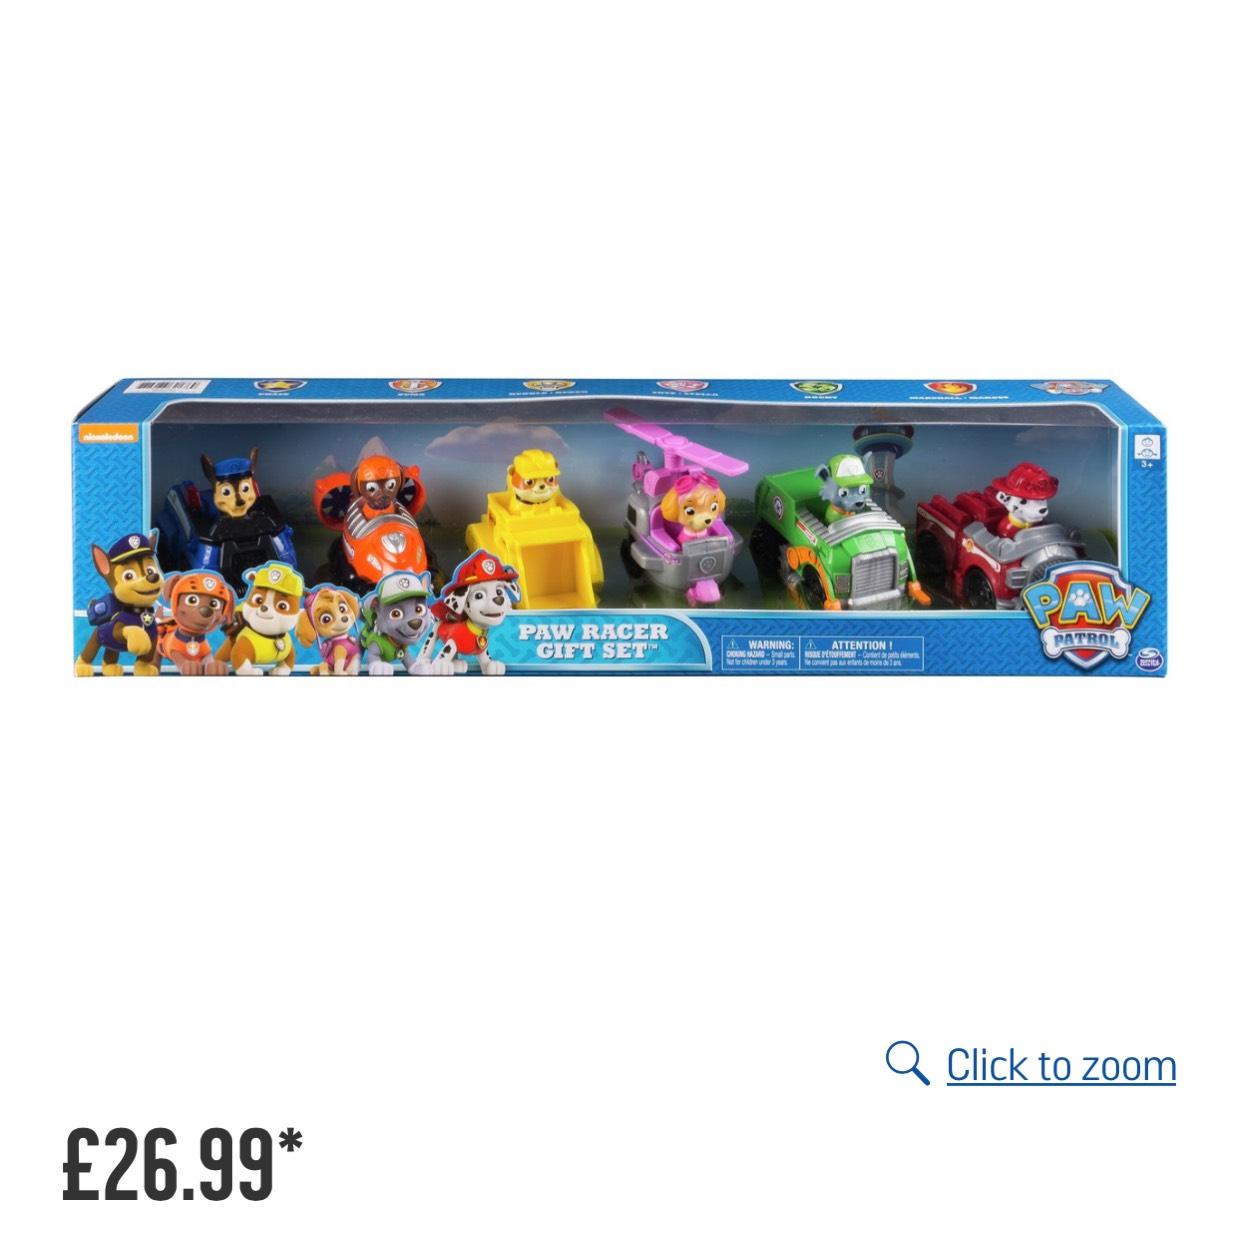 Paw patrol racer gift set £26.99 @ Argos